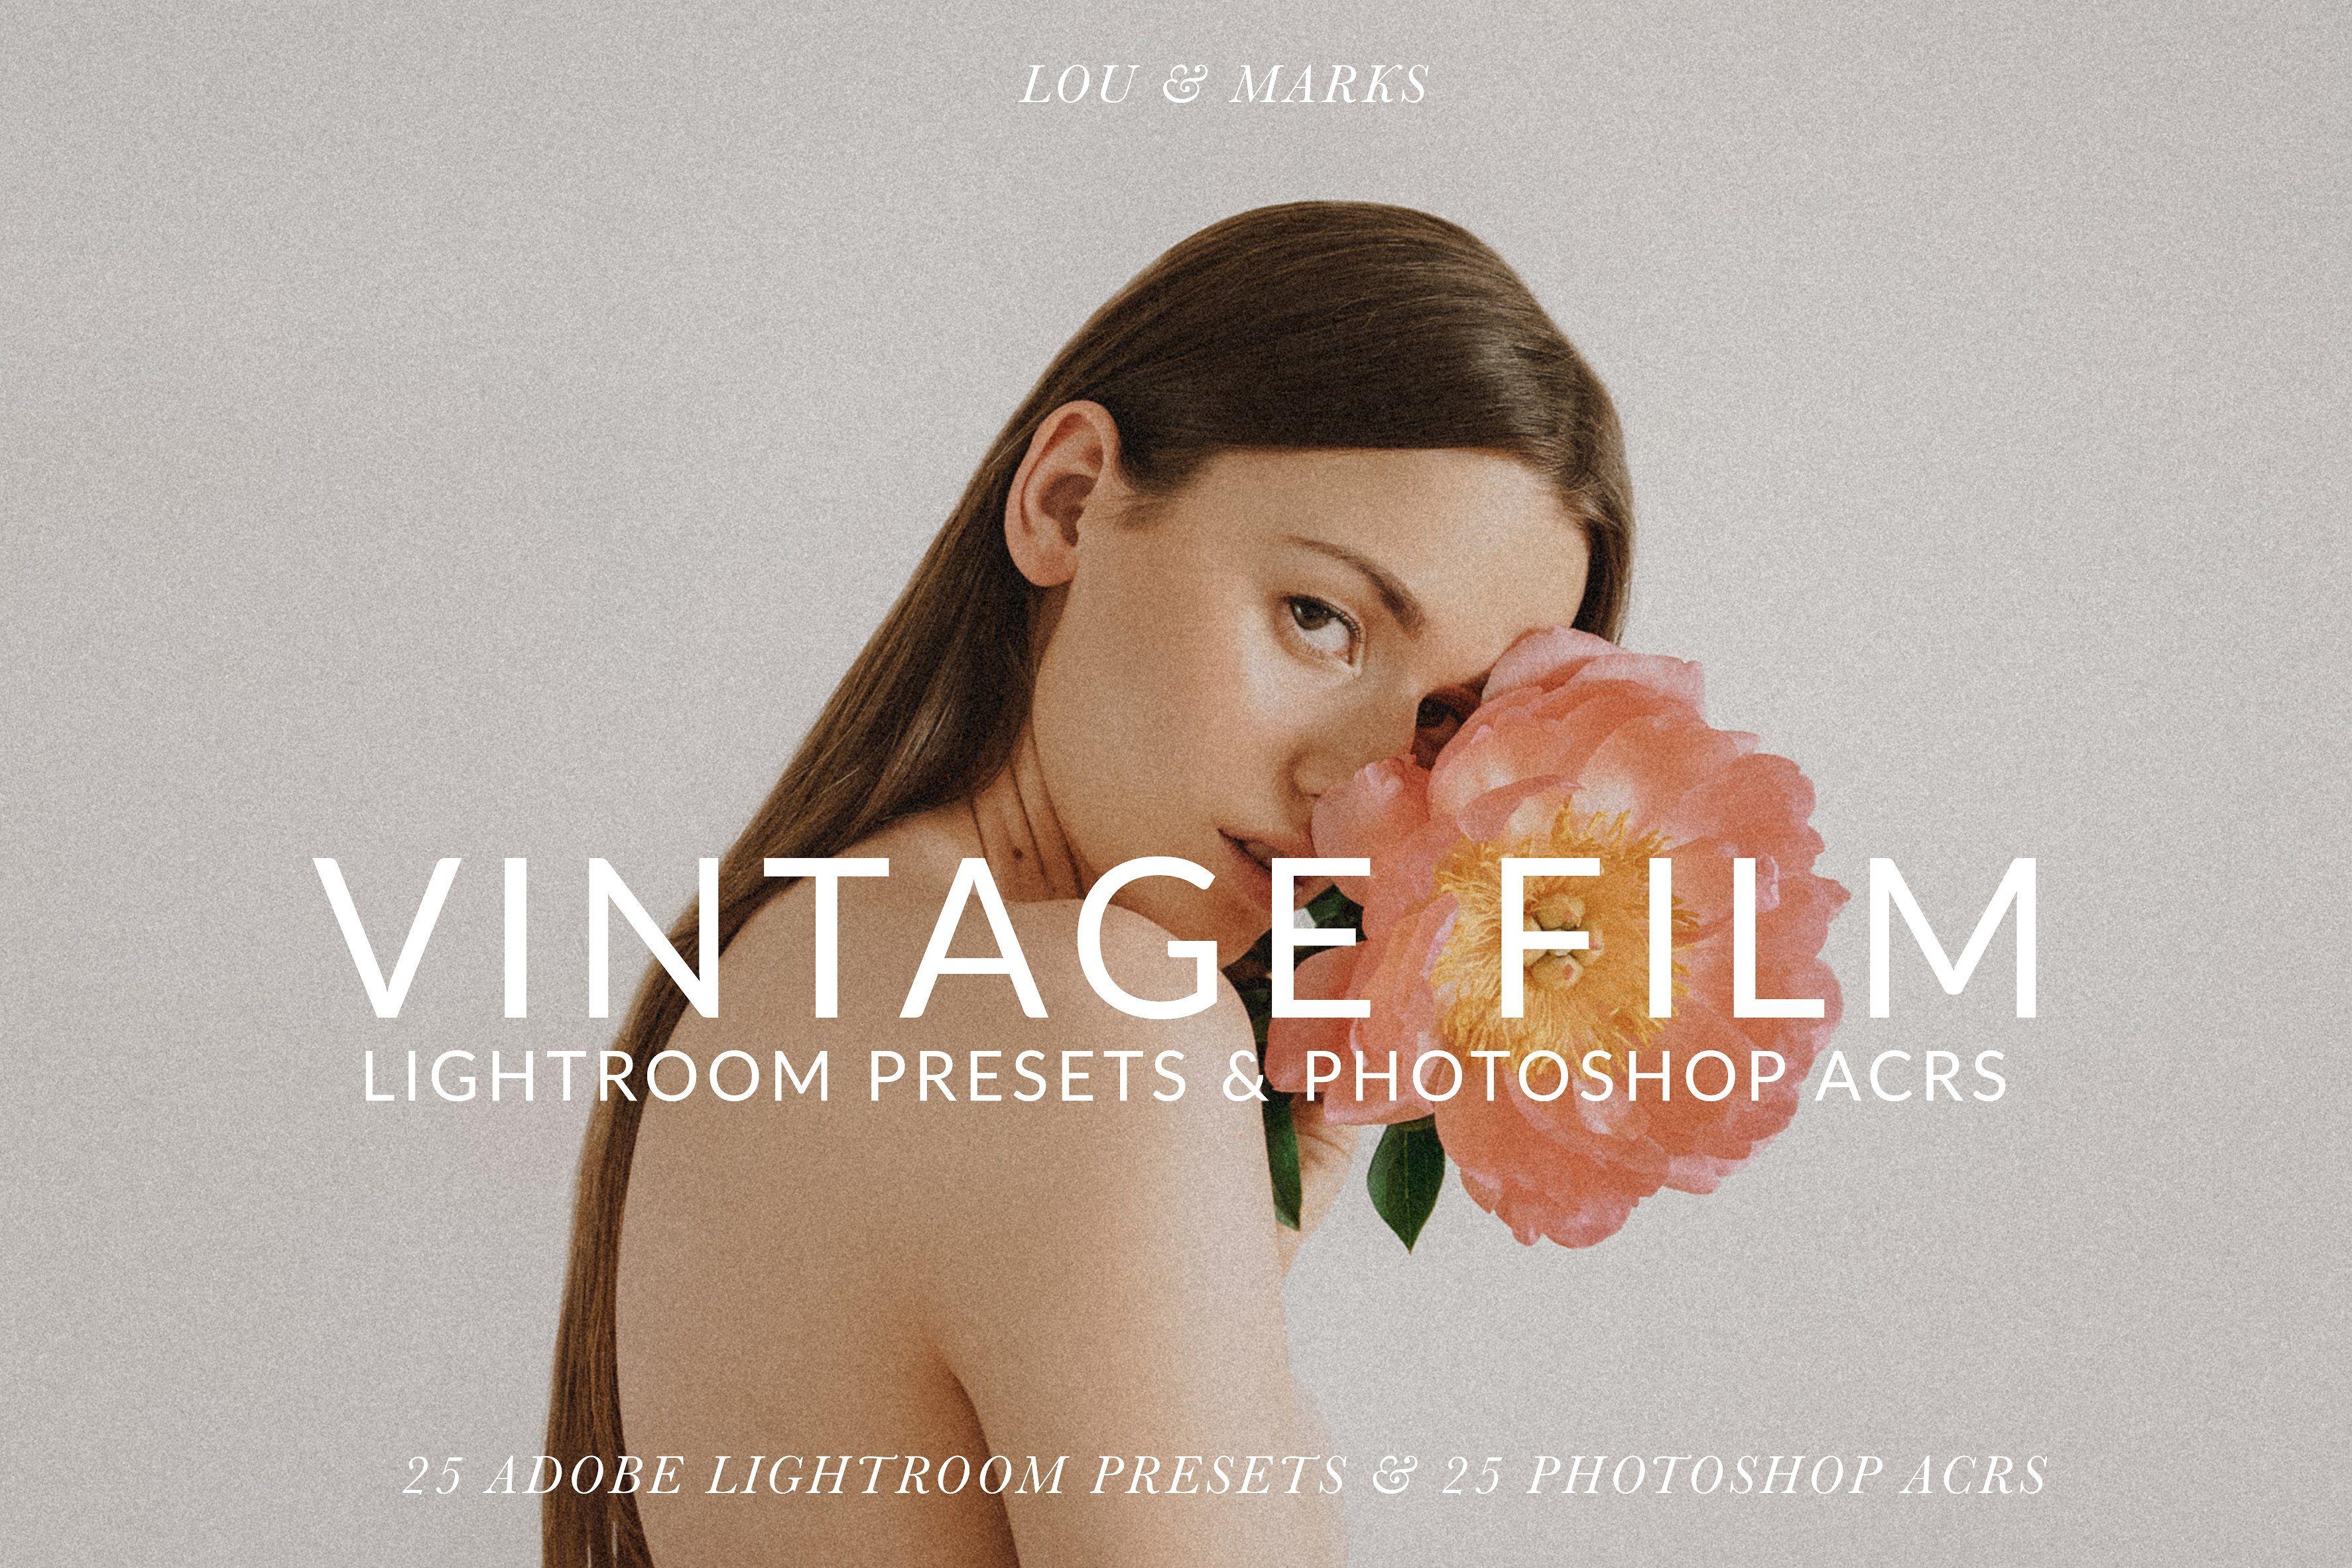 Vintage Film Tones Pack Lr Ps By Lou Marks On Creativemarket Lightroom Presets Lightroompresets Vintage Fil Film Presets Lightroom Vintage Film Photoshop